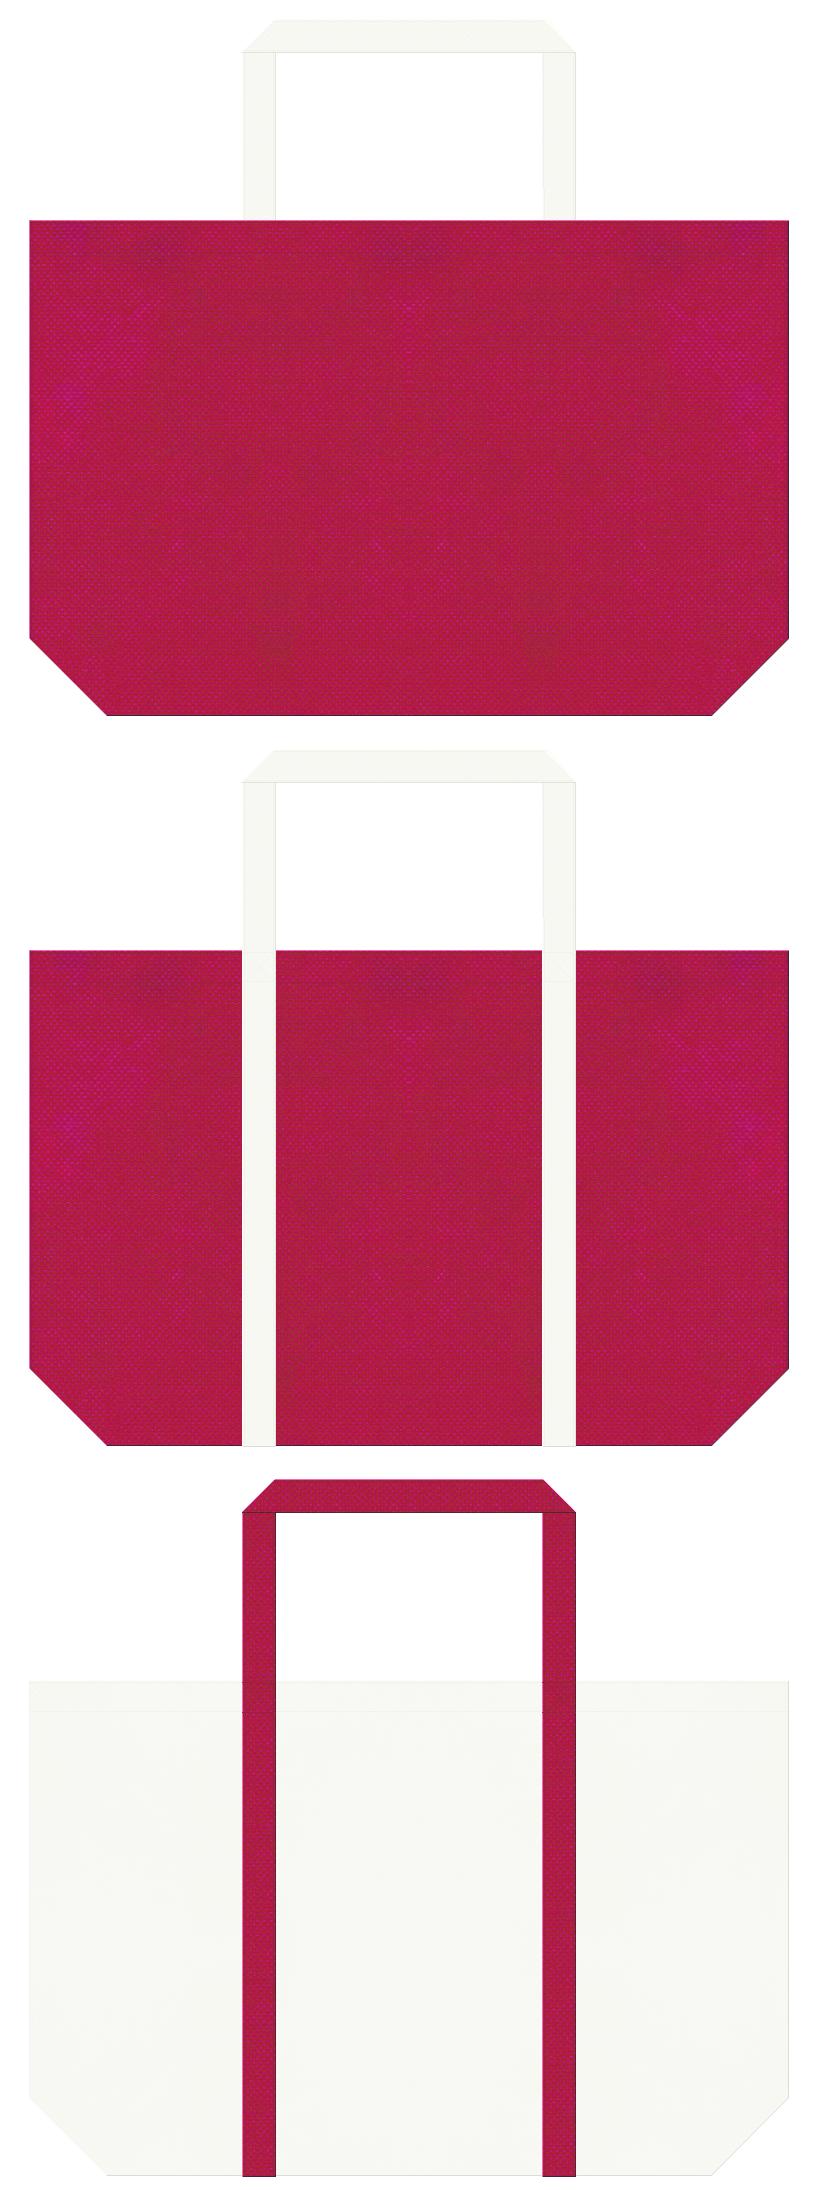 イチゴミルク・ブーケ・ウェディング・ドレス・スワン・フラミンゴ・バレエ・ガーリーデザインのショッピングバッグ・生クリーム・スイーツ・フルーツケーキ・フルーツのショッピングバッグにお奨めの不織布バッグデザイン:濃いピンク色とオフホワイト色のコーデ